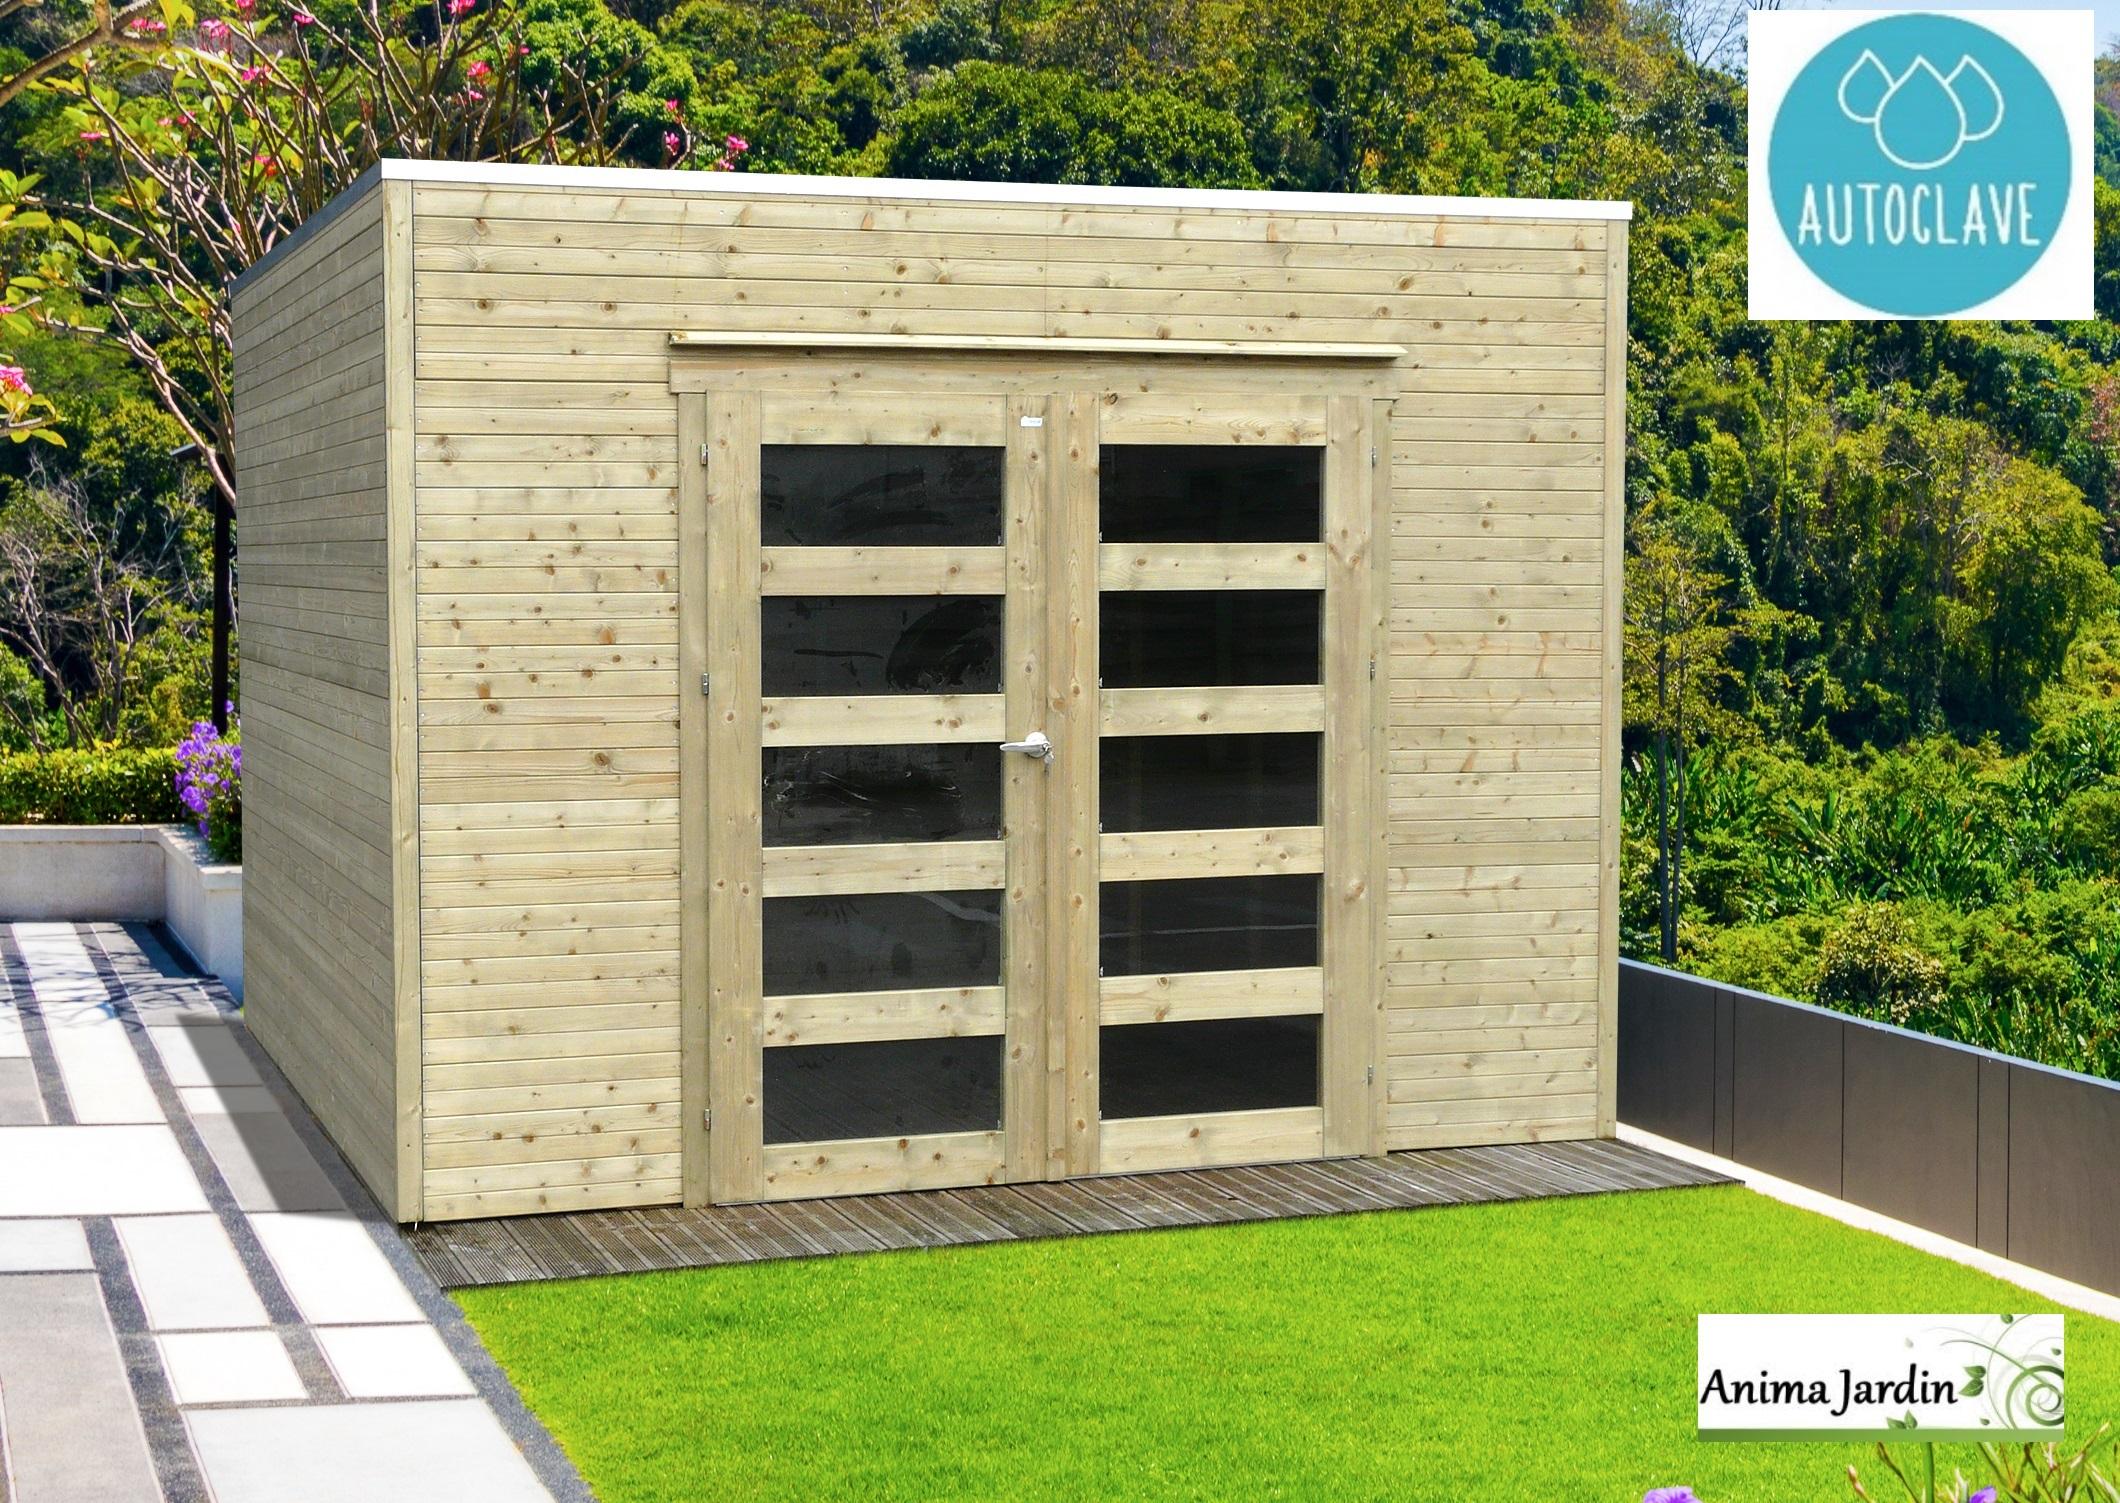 Abri De Jardin En Bois Autoclave 19Mm, Bari, 8M², Toit Plat ... tout Abri Jardin Bois Toit Plat